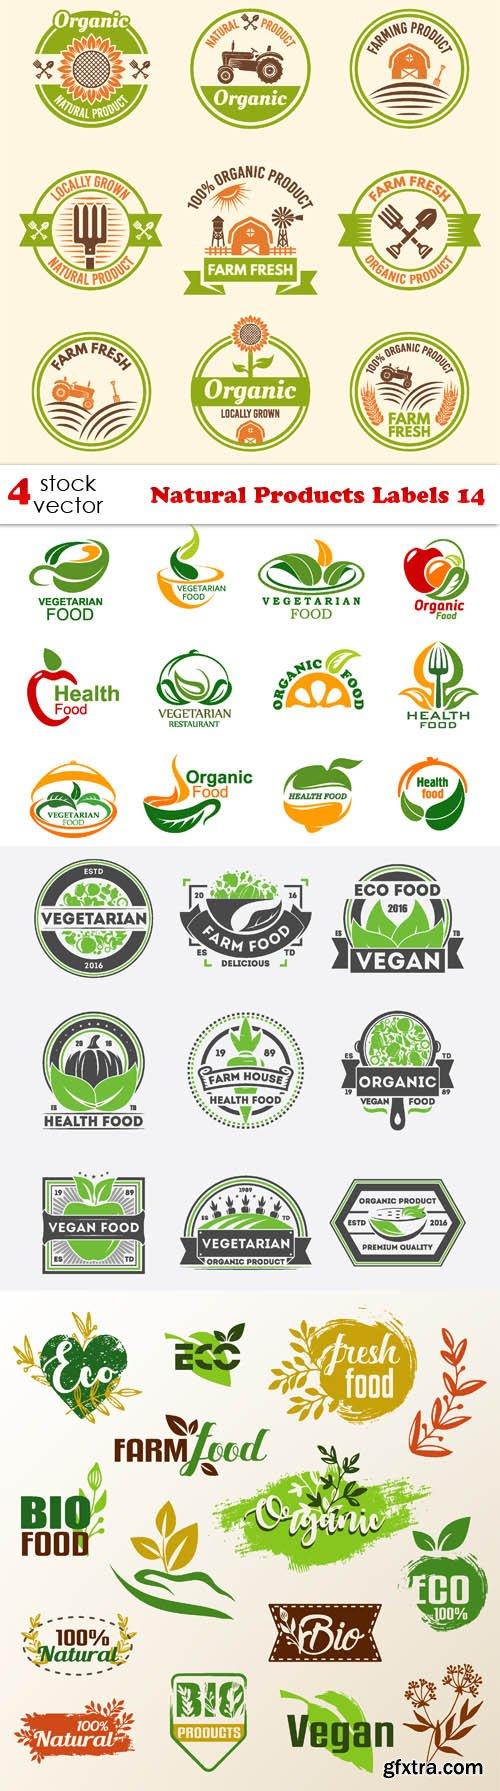 Vectors - Natural Products Labels 14